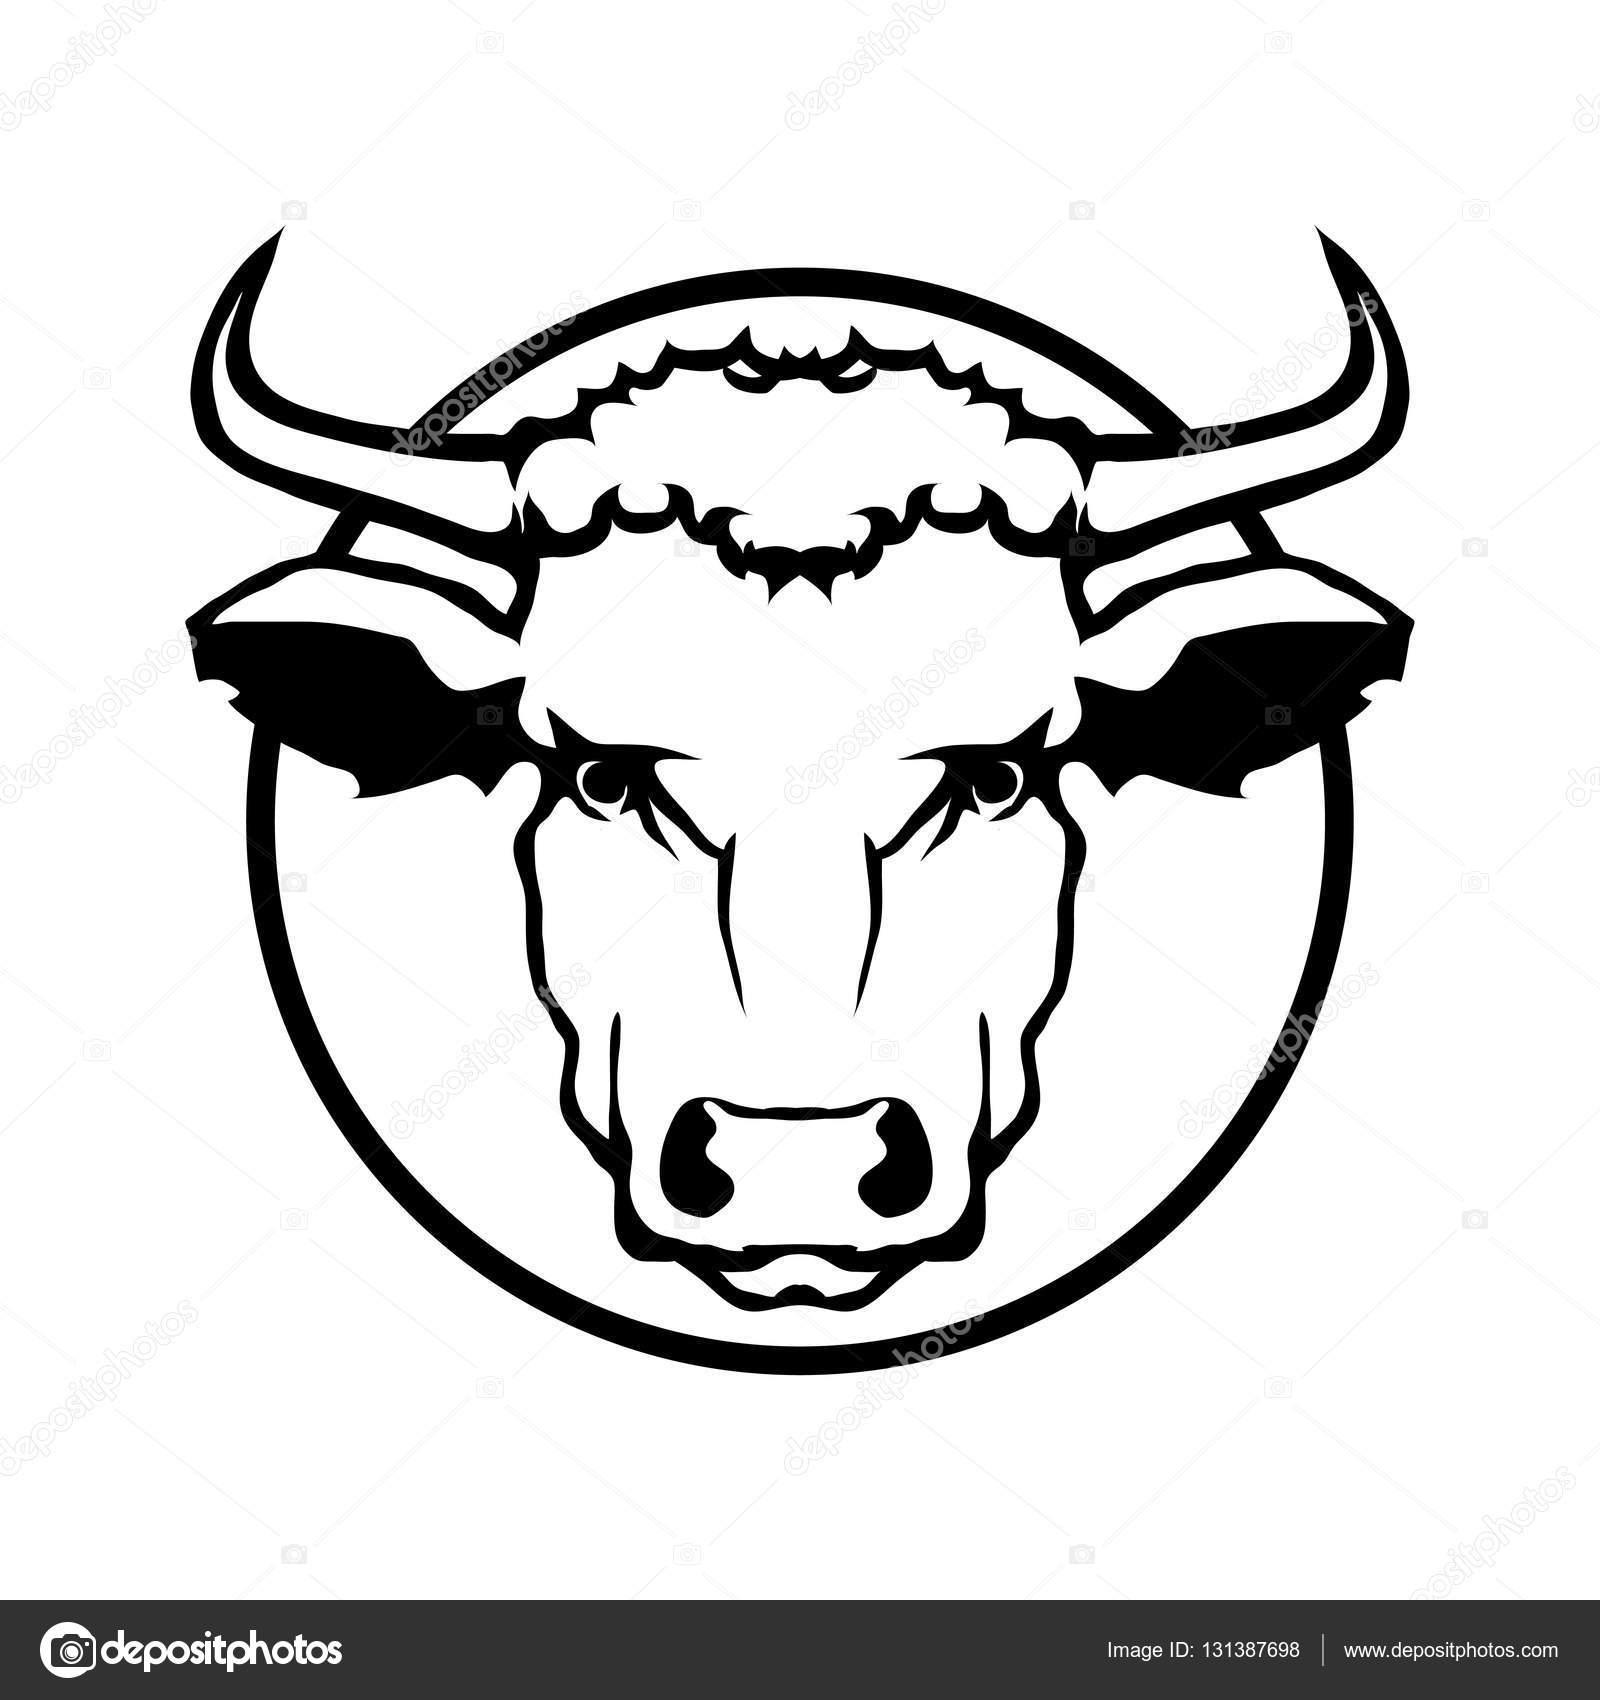 маз с эмблемой быка фото занимаюсь фотографией очень